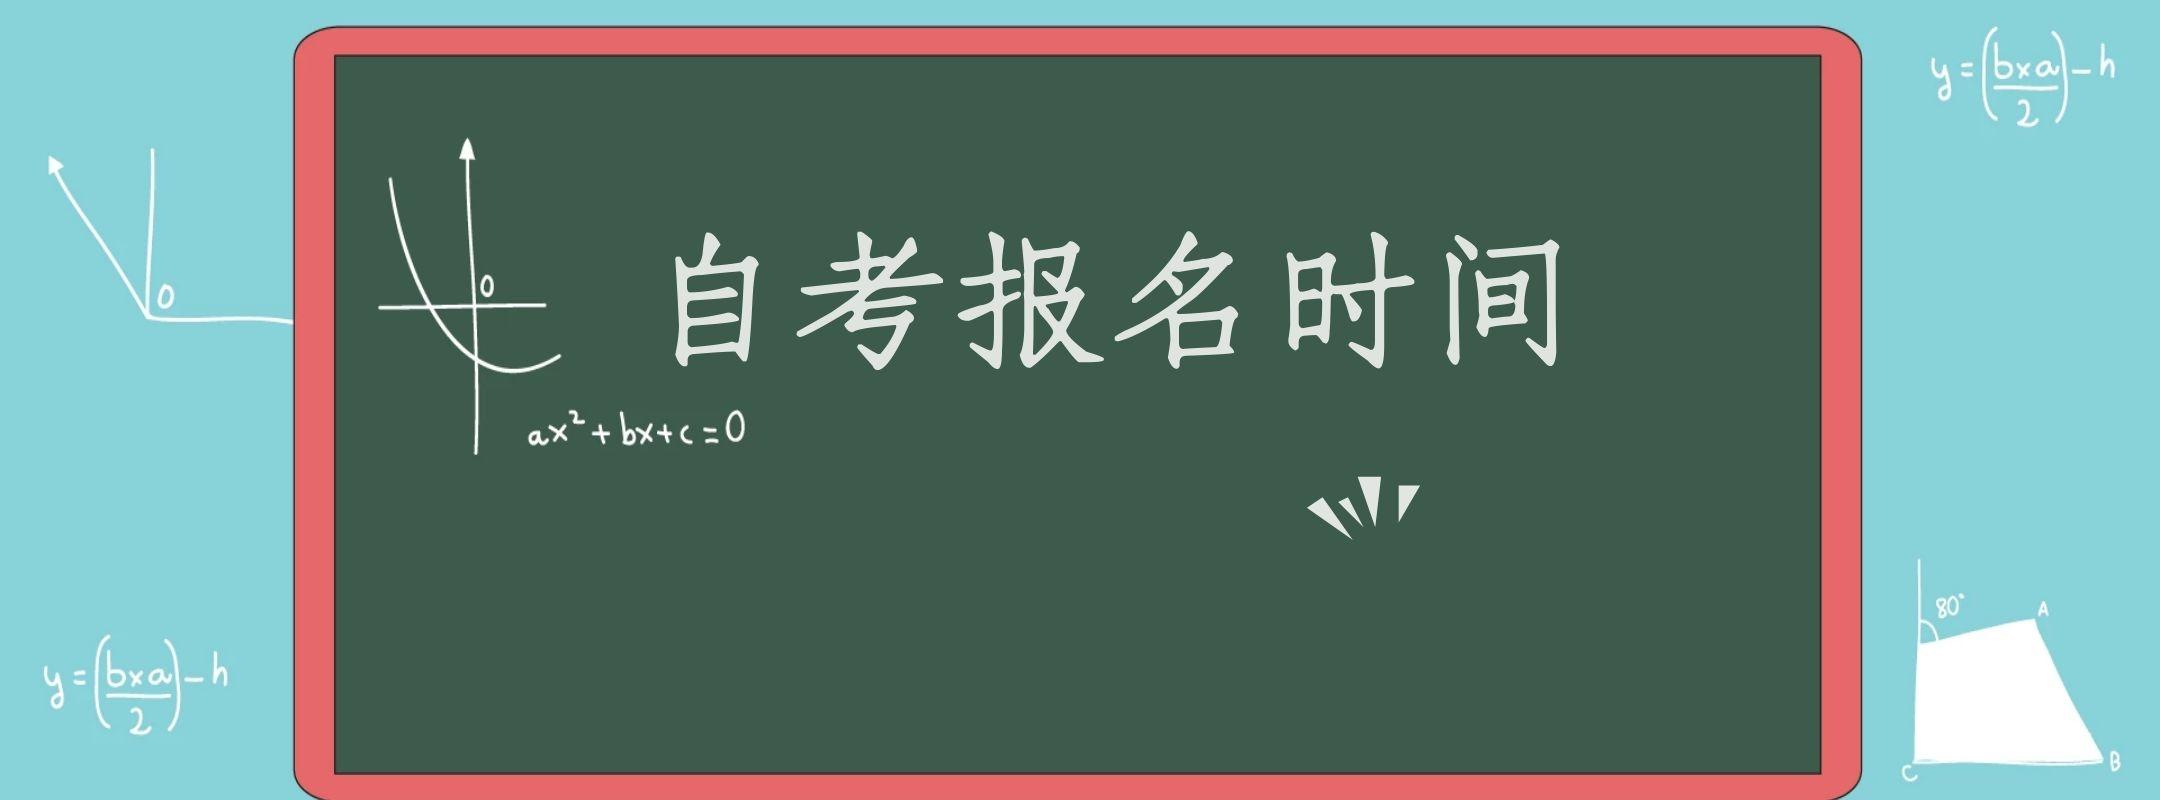 安庆申请自考有哪些要求